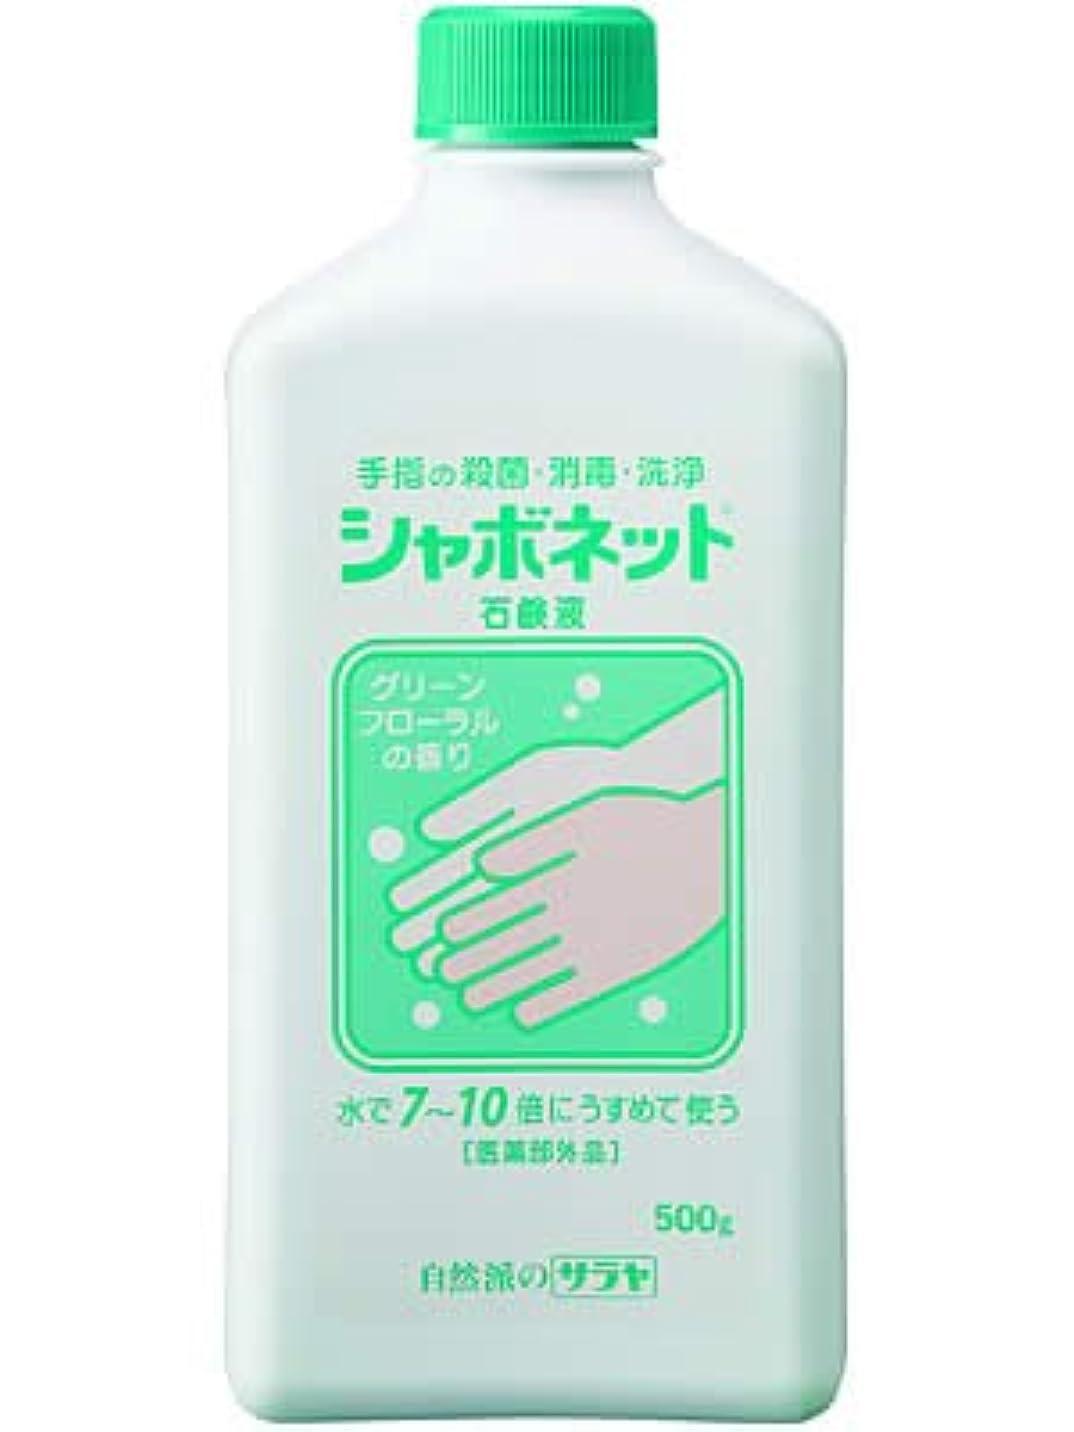 シャボネット 石鹸液 500g ×5個セット